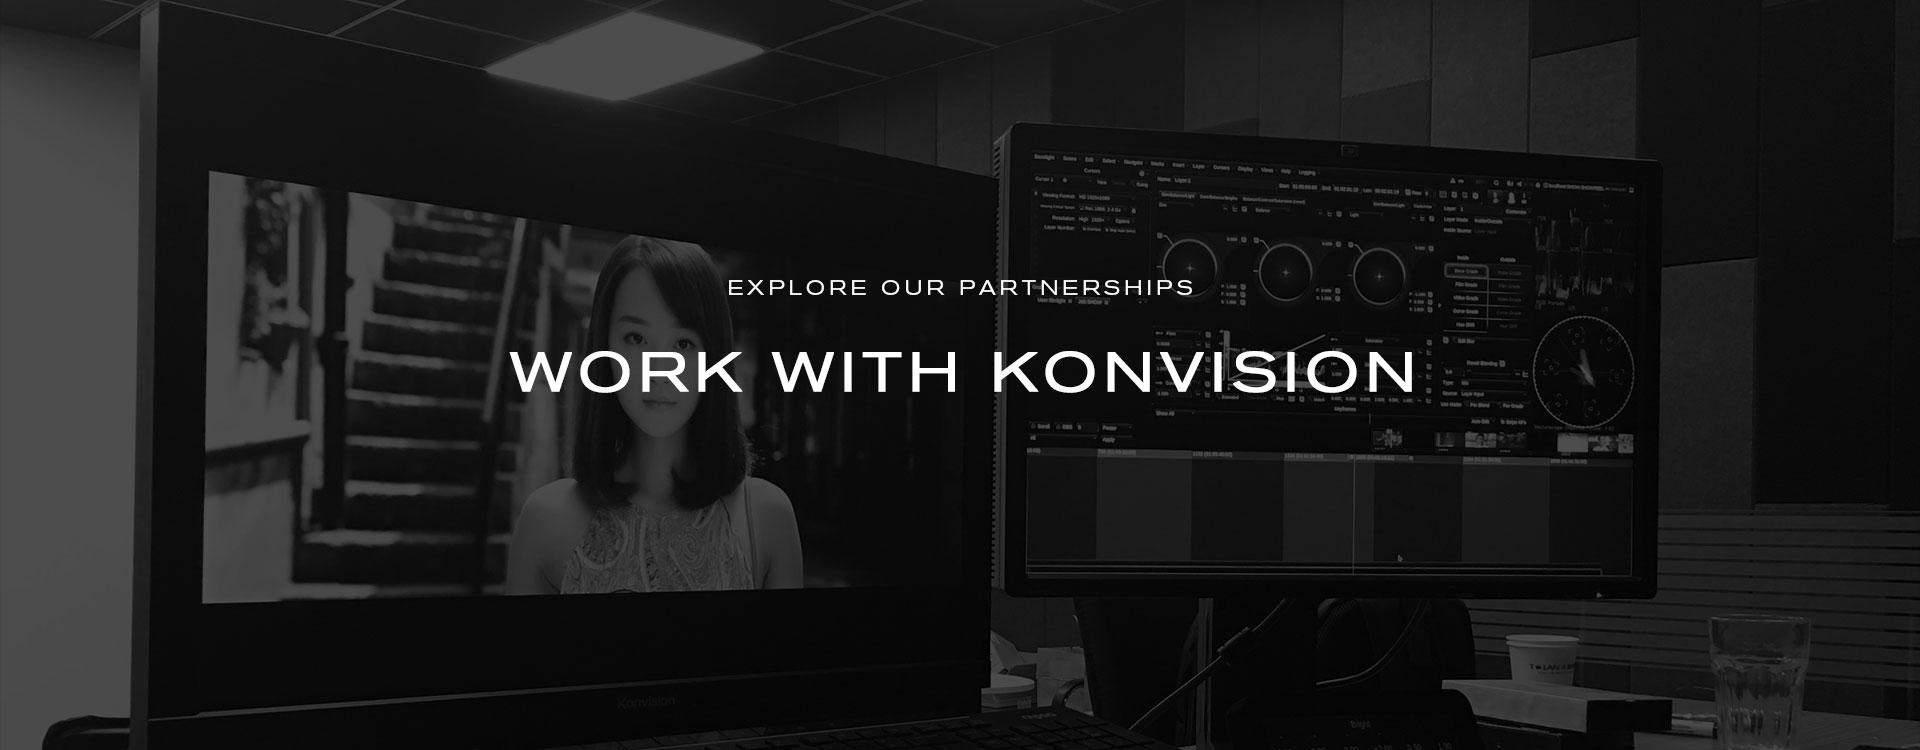 Konvision-深圳市康维讯视频科技有限公司-4K/8K监视器